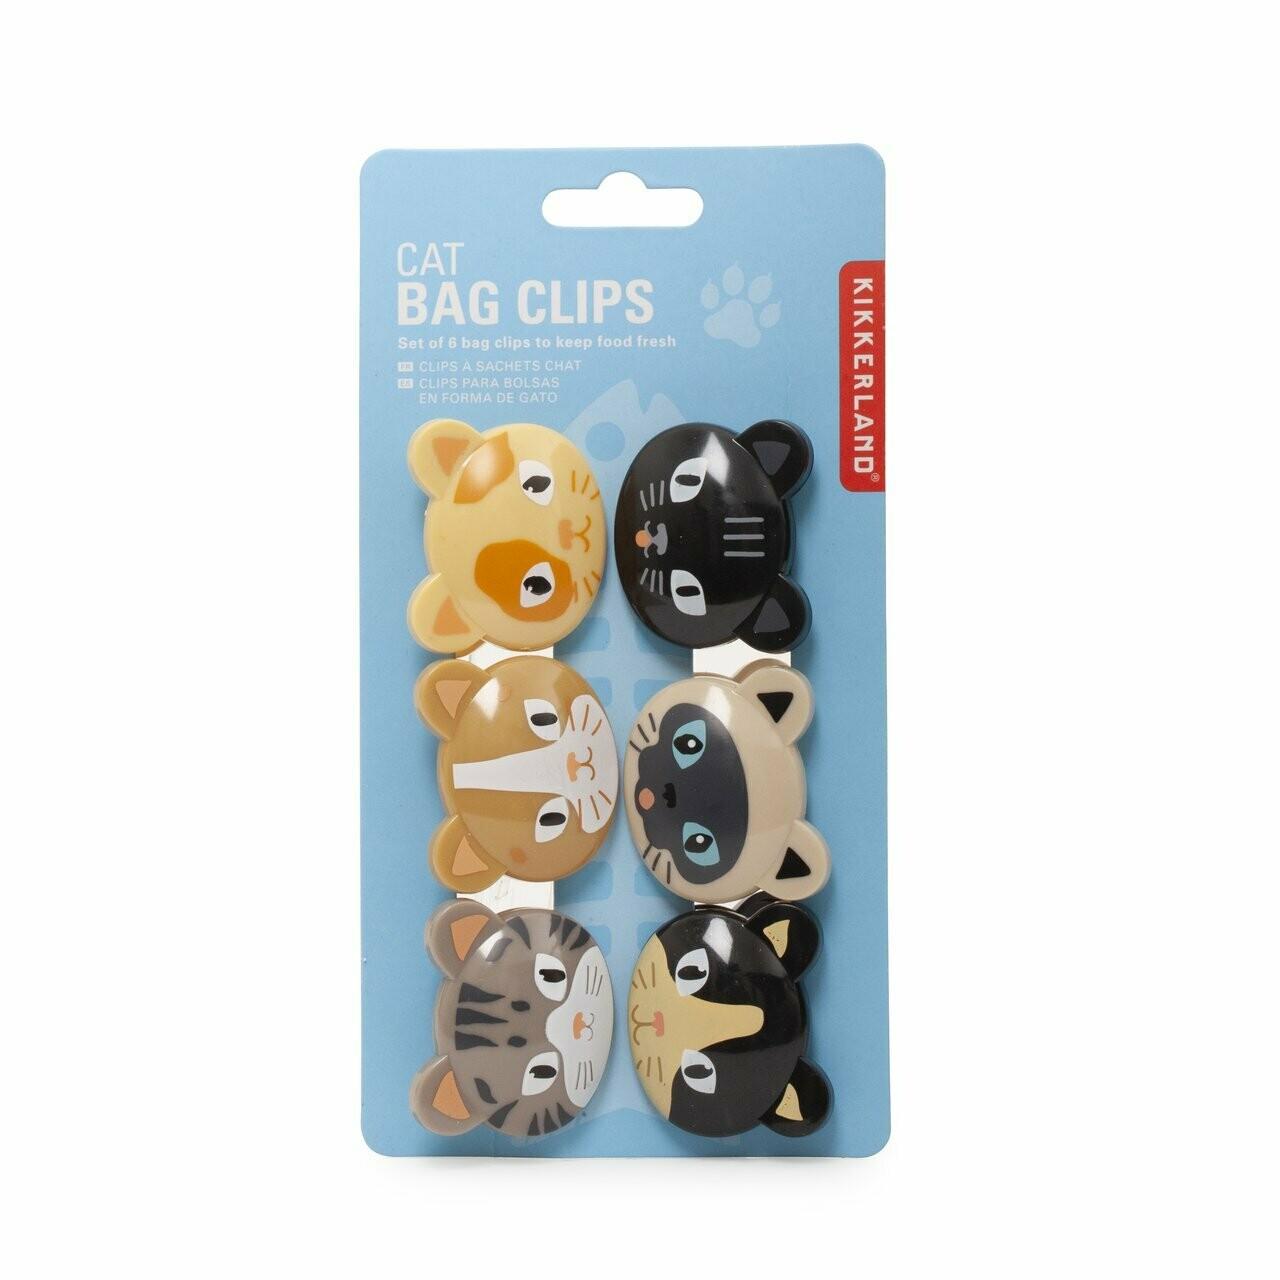 Cat Bag Clips